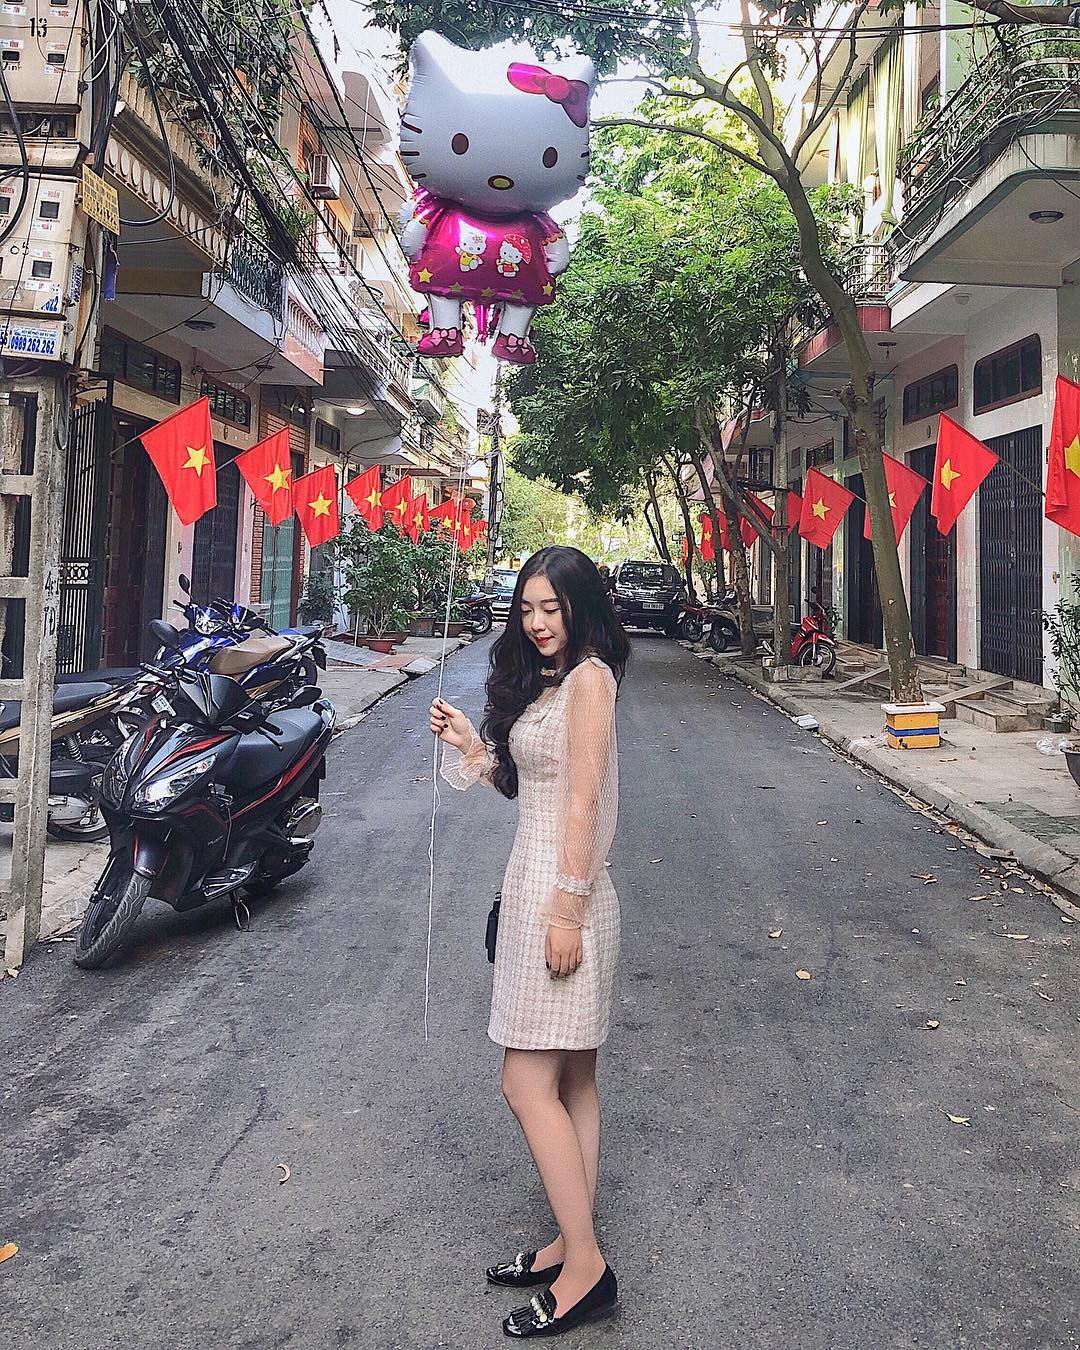 Người yêu Đức Chinh chứng minh: Con gái lúc trên mạng và khi về quê ra mắt là hai khái niệm không hề liên quan - Ảnh 6.